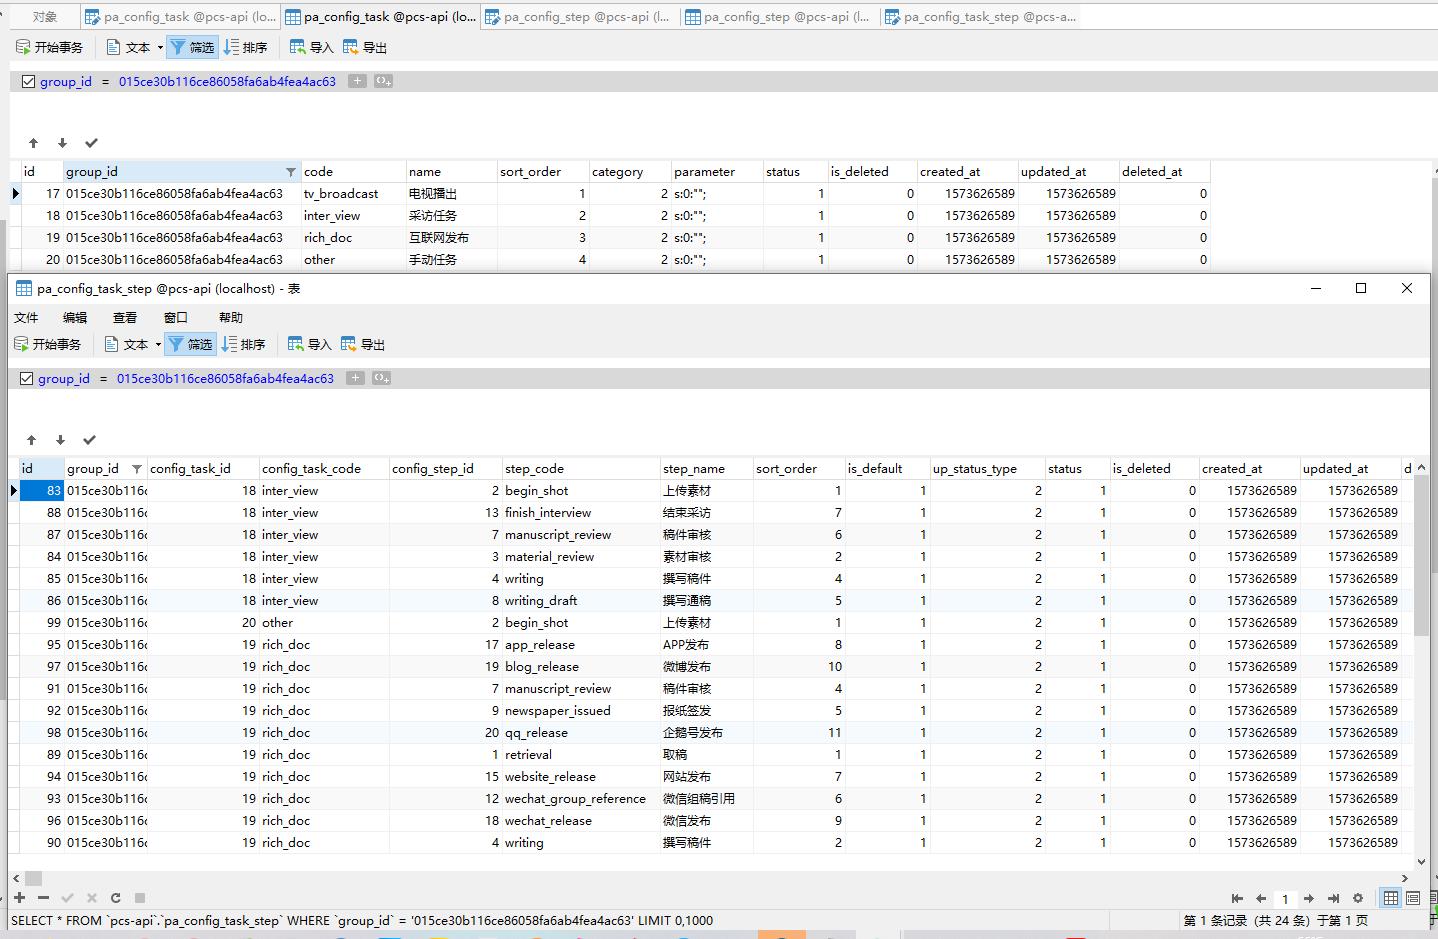 在 Postman 中 PUT:http://api.pcs-api.localhost/v1/config-task-steps/my-group-id ,请求数据(未自定义时,编辑接口的响应数据)与执行的 SQL (分别插入 4 、24 条记录) 如下,打开表